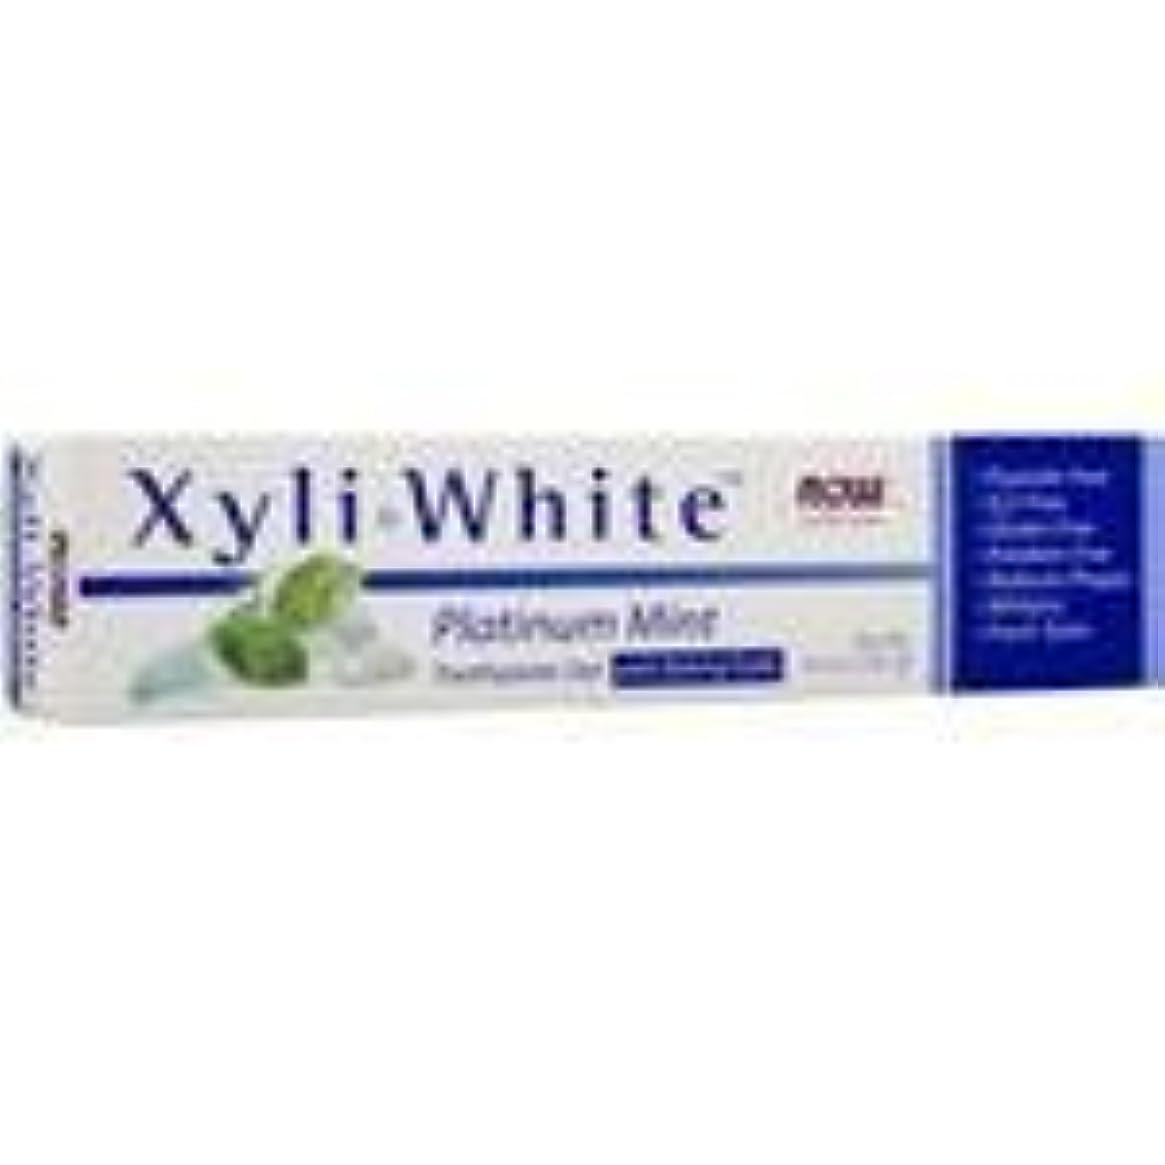 成熟明確なテラスキシリホワイト 歯磨き粉  プラチナミント+ベーキングソーダ 182g 5個パック